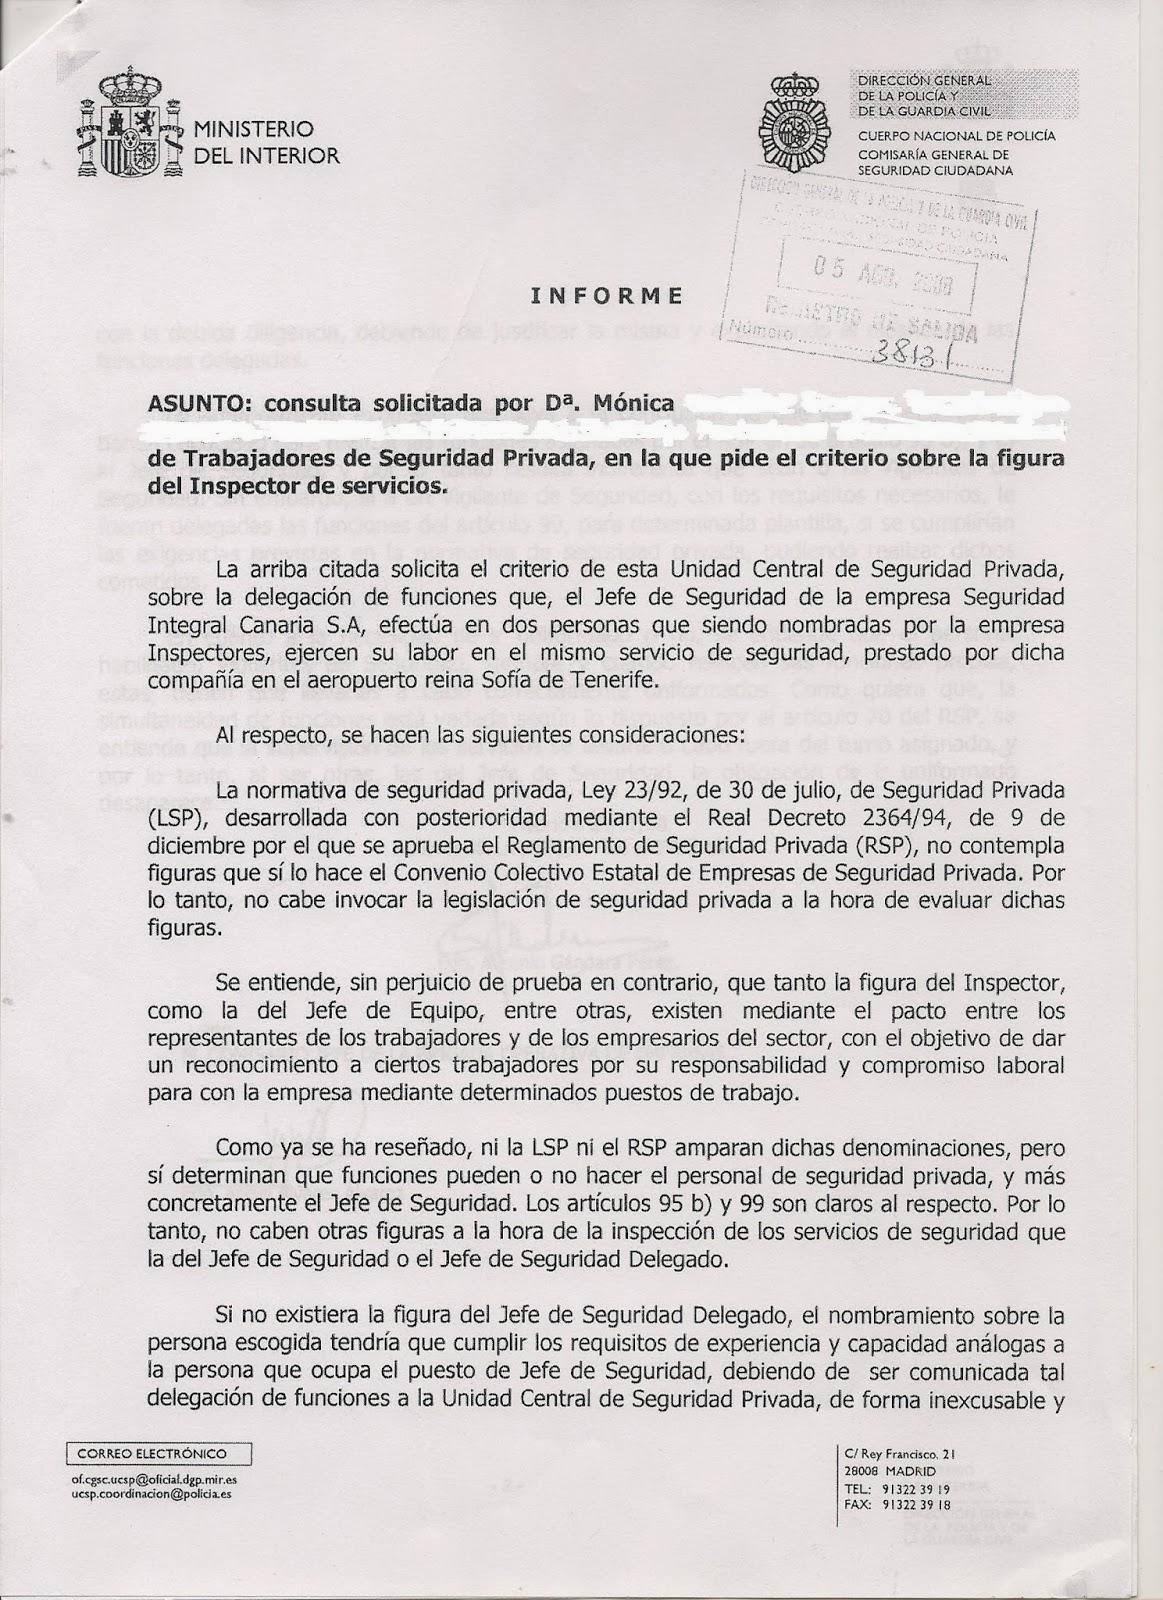 Comisiones obreras de vinsa barcelona ministerio del interior for Ministerio del interior correo electronico